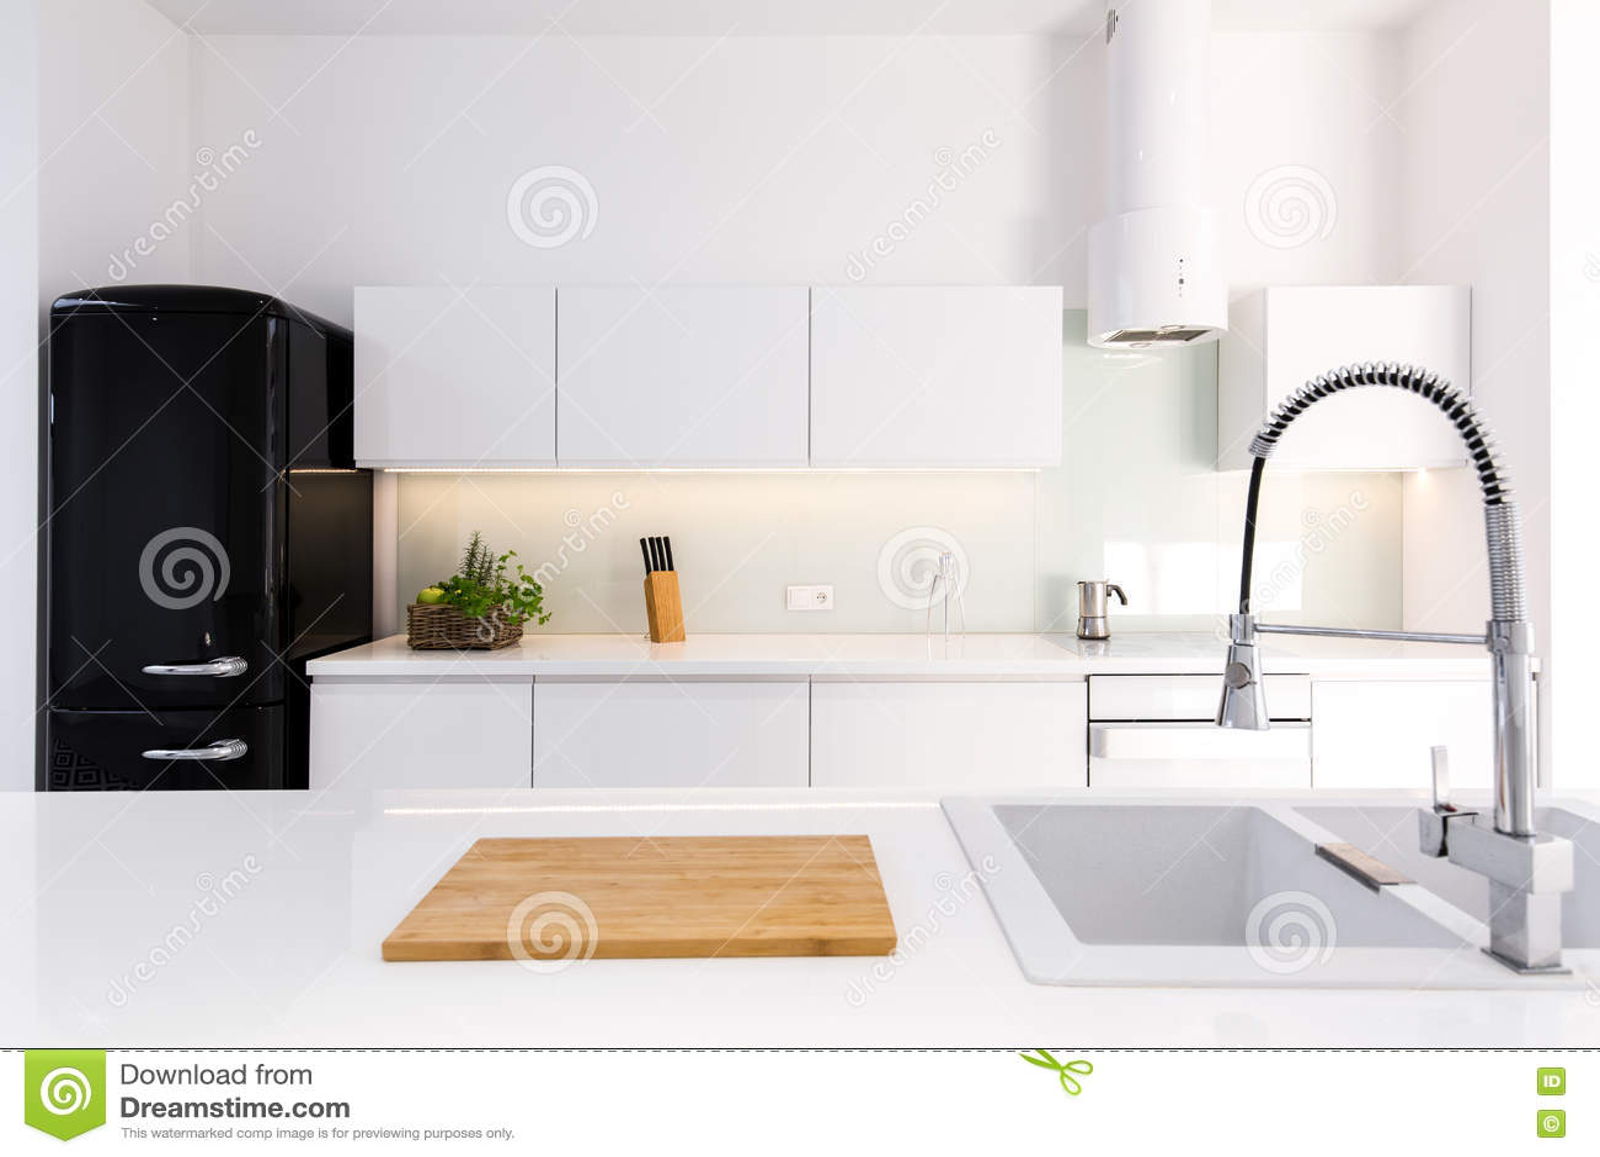 Kühlschrank Retro Schwarz : Weiß lackküche und schwarzer retro kühlschrank stockbild bild